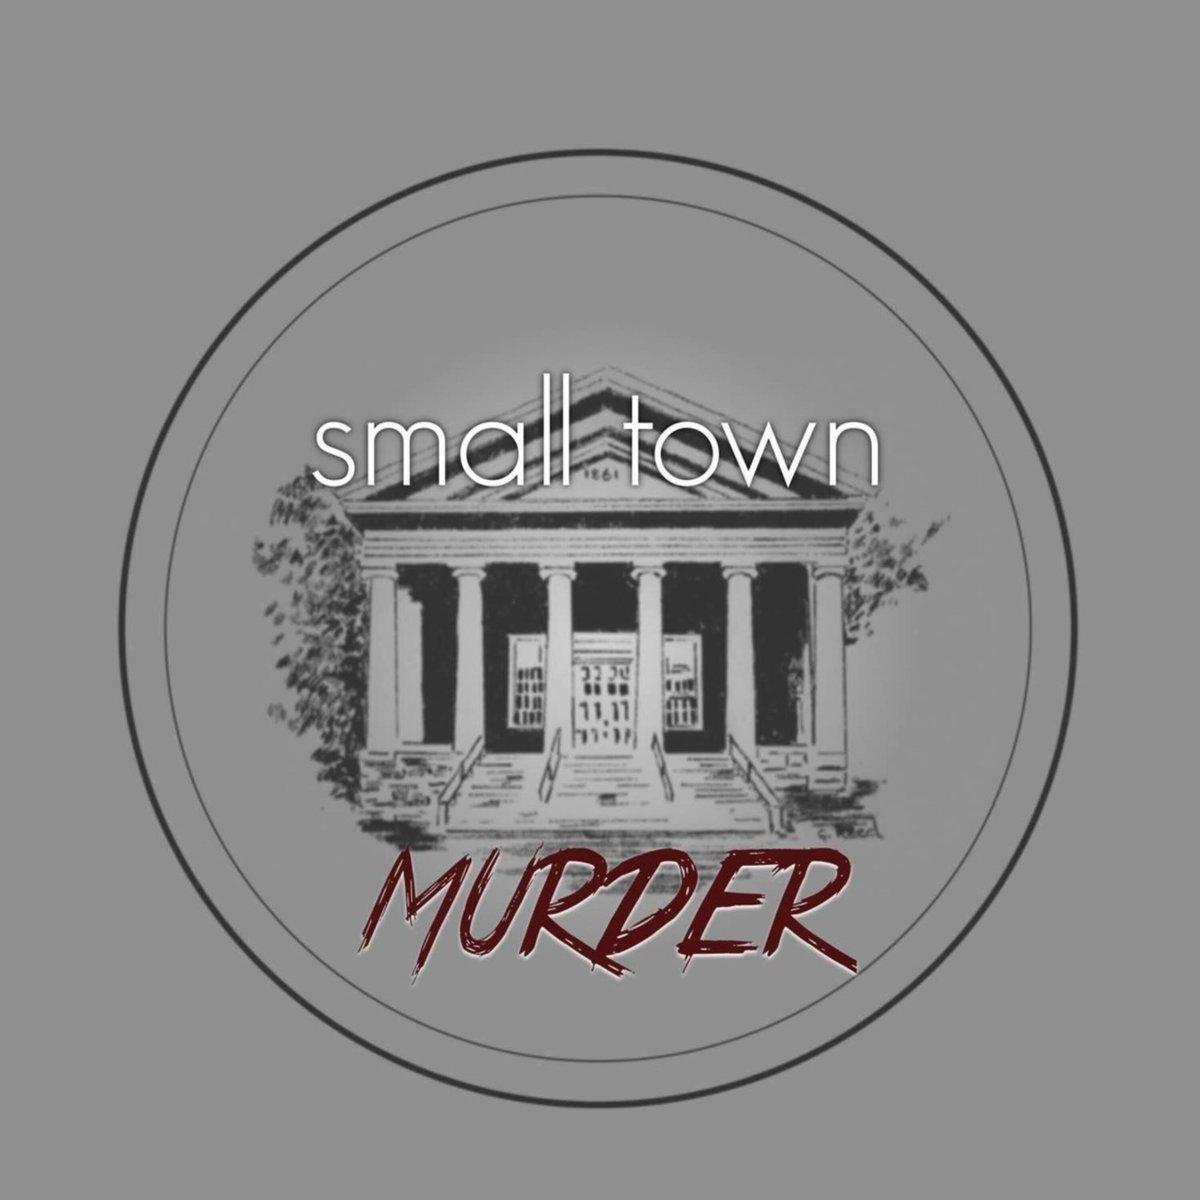 #047 - Anger, Obsession, Revenge in Sun Valley, Nevada #smallTownMurder  https://podplayer.net/?id=87920169 via @PodcastAddict pic.twitter.com/wB5EVgdFPP